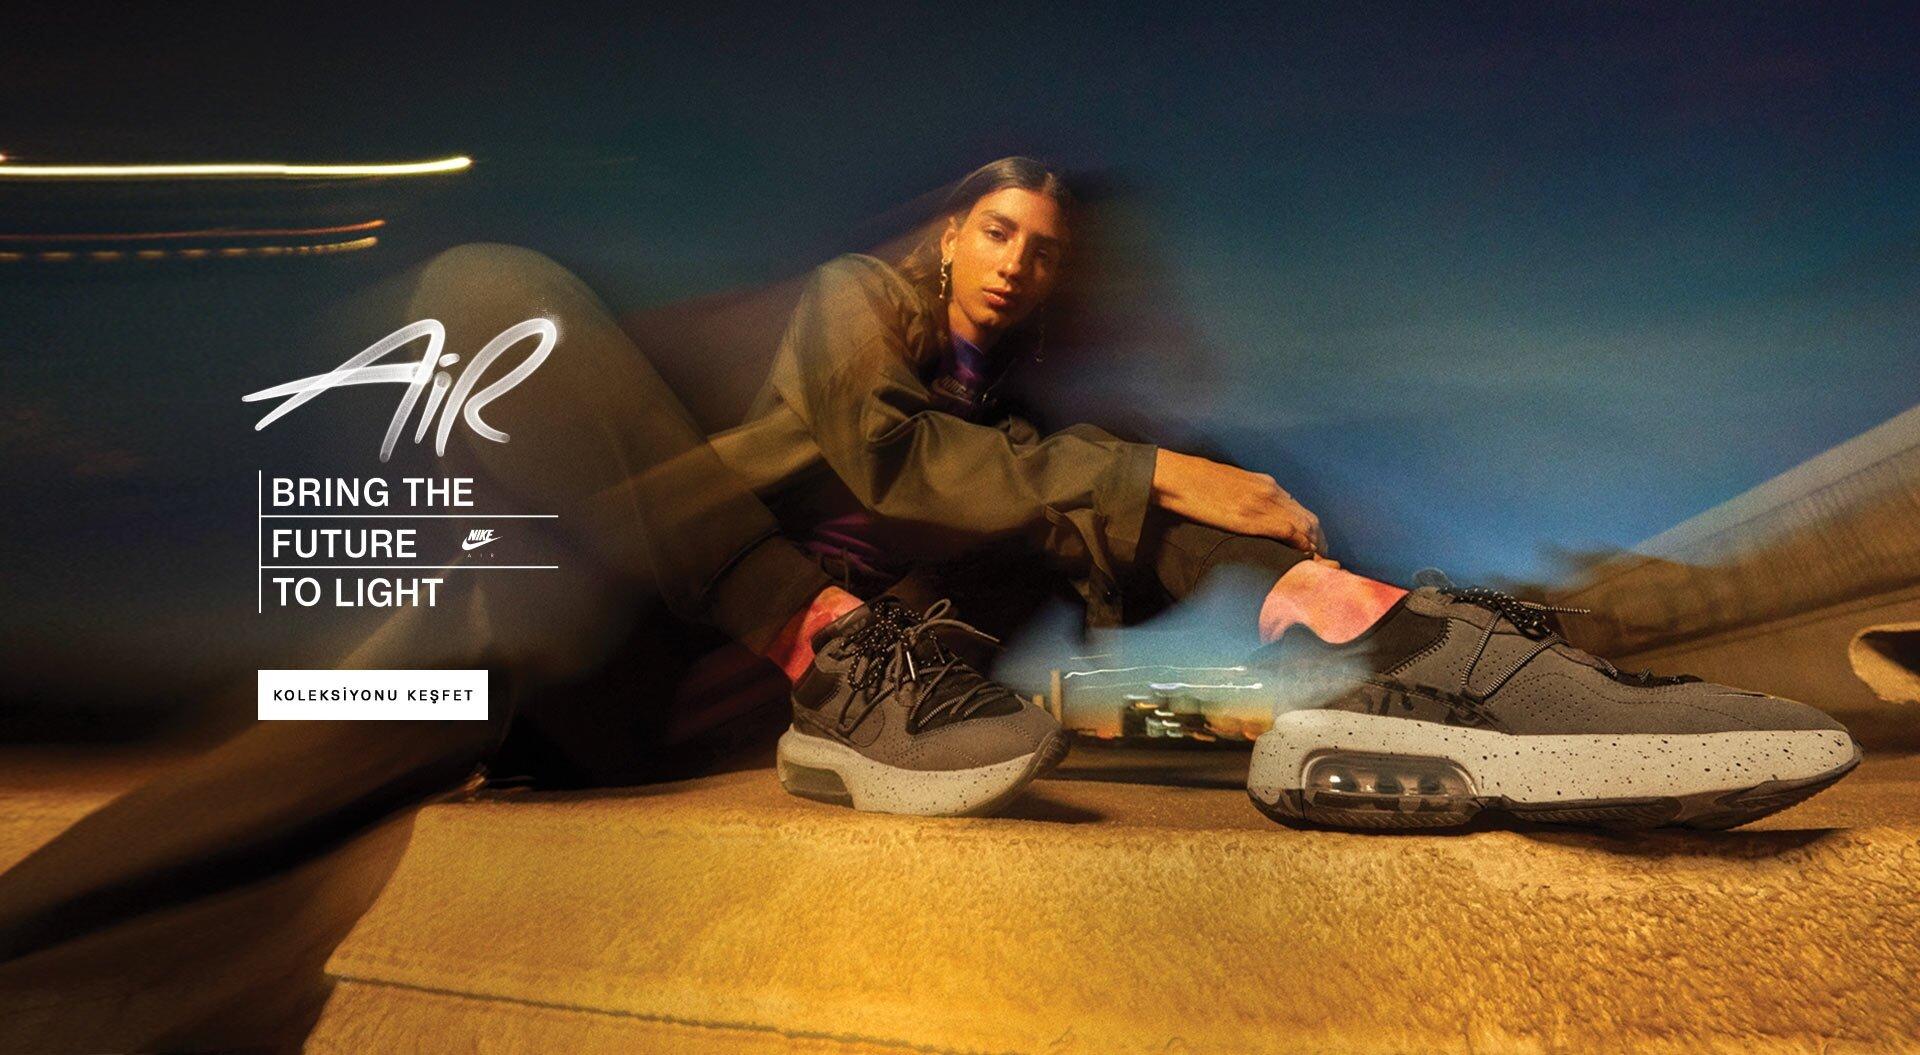 NikeAirBringTheFutureToLight